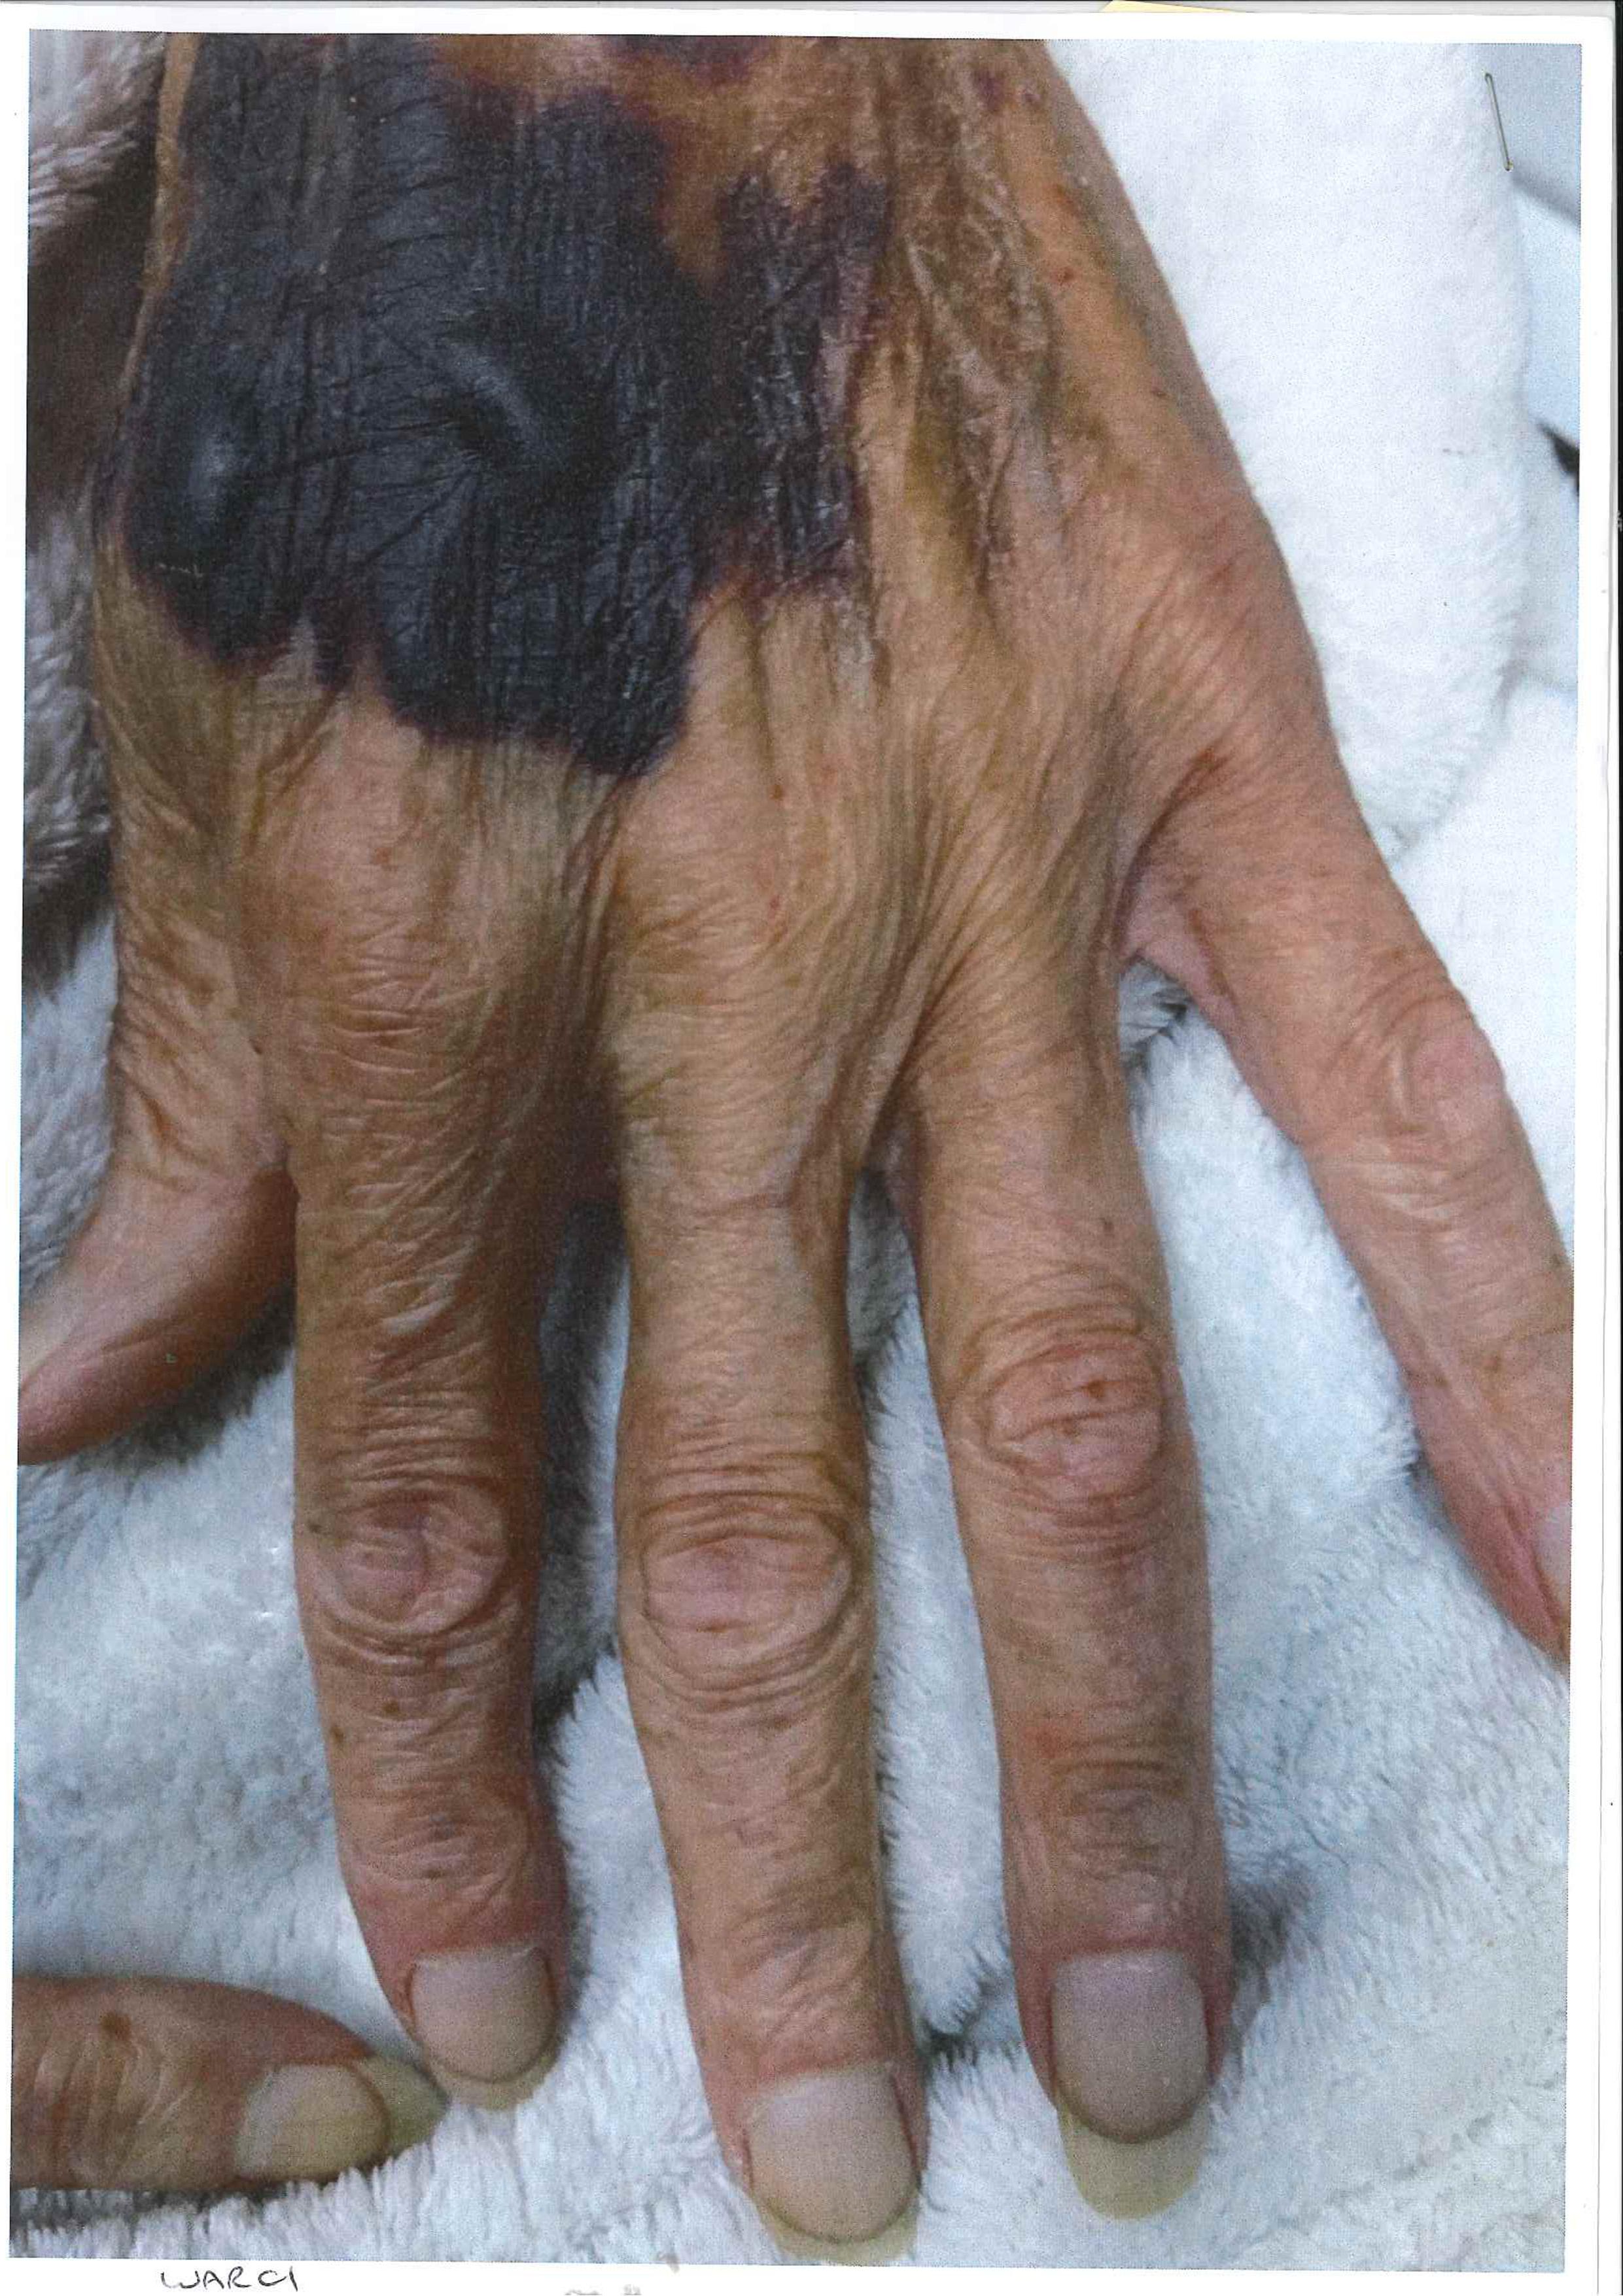 hand-injury1.jpg